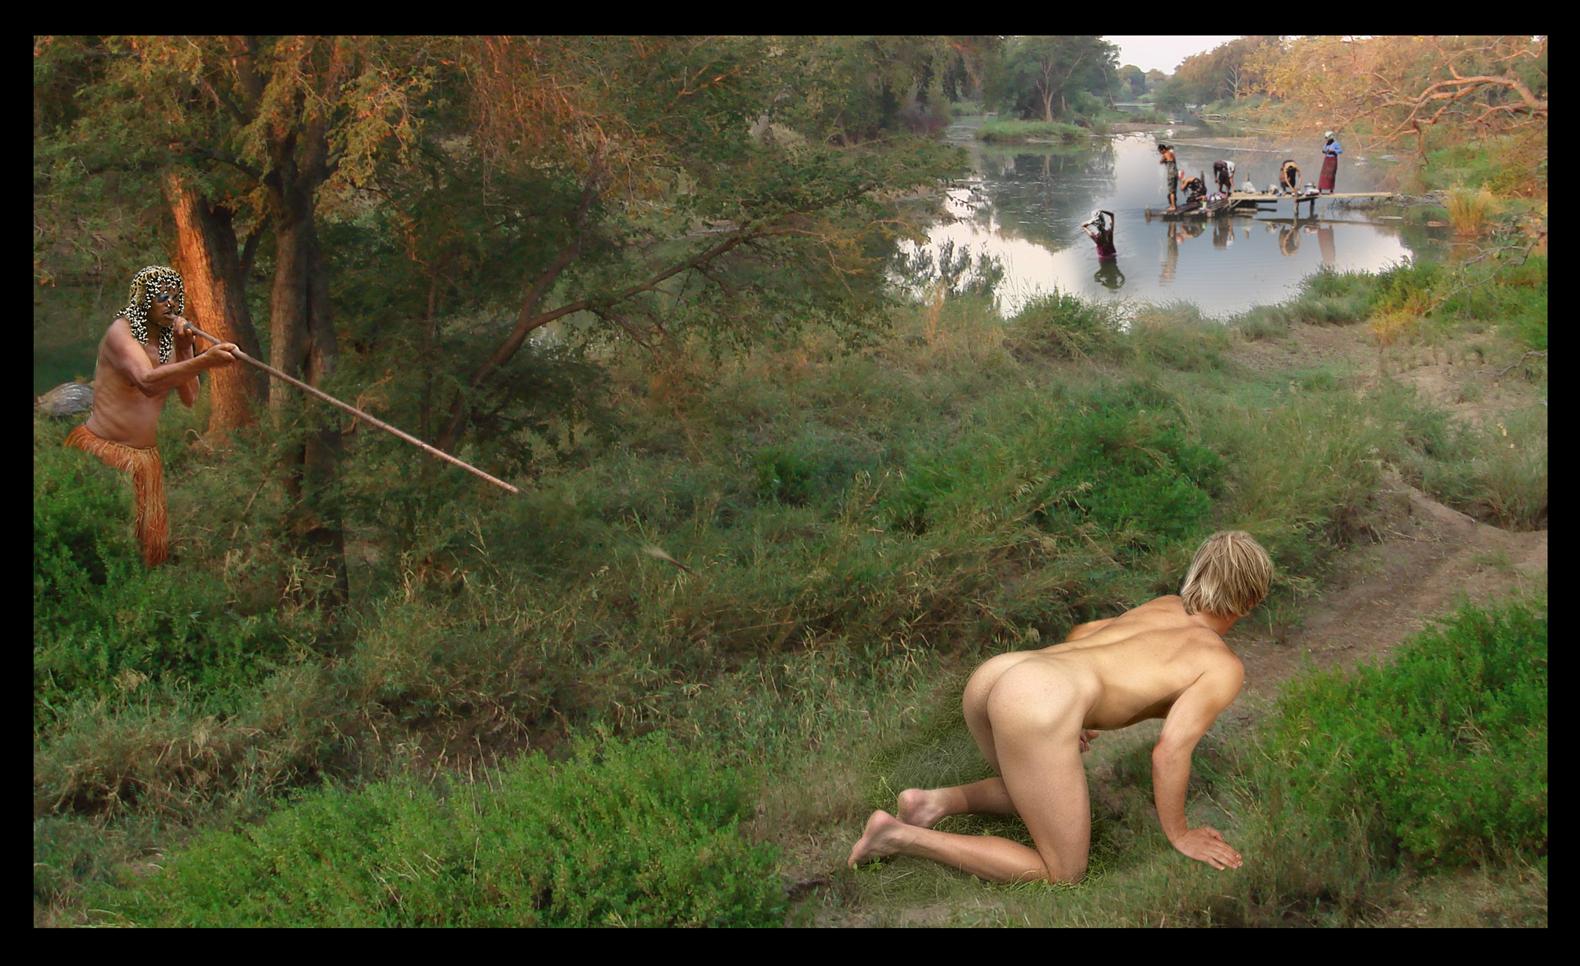 naked guy in jungle